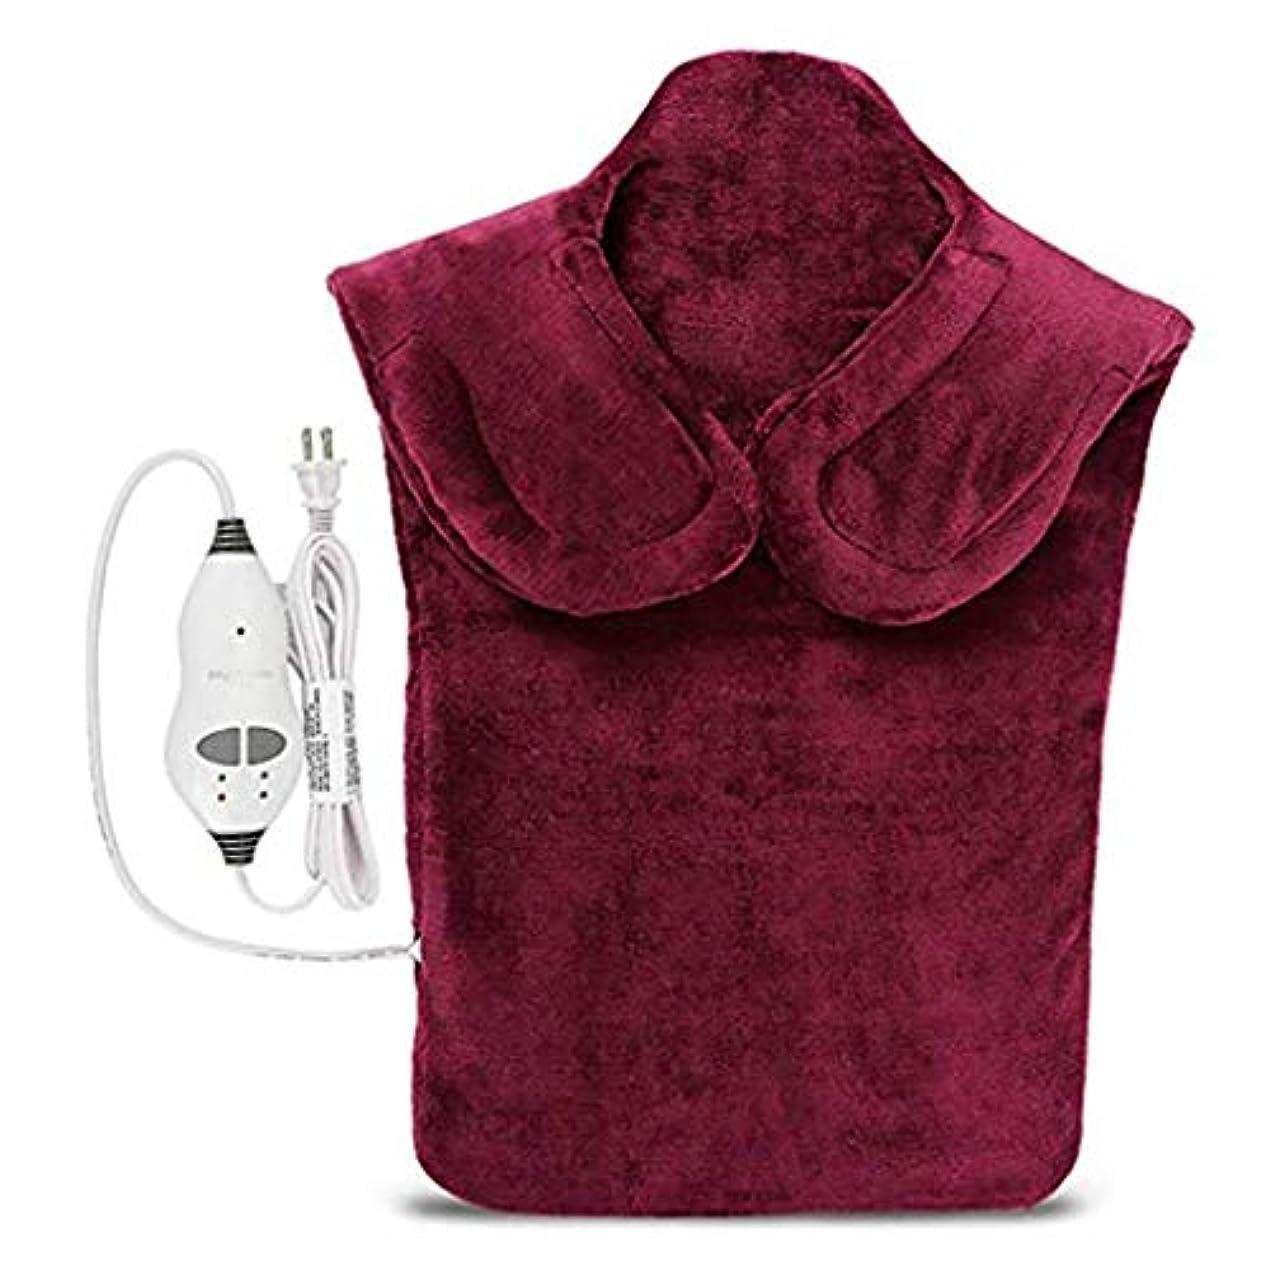 仮定、想定。推測工業化する失効戻る電気マッサージ器、首暖房パッド、フランネル健康ラップ首/肩/血液循環を促進、筋肉の痛みを和らげる、暖かい保つために (Color : Winered, Size : One size)